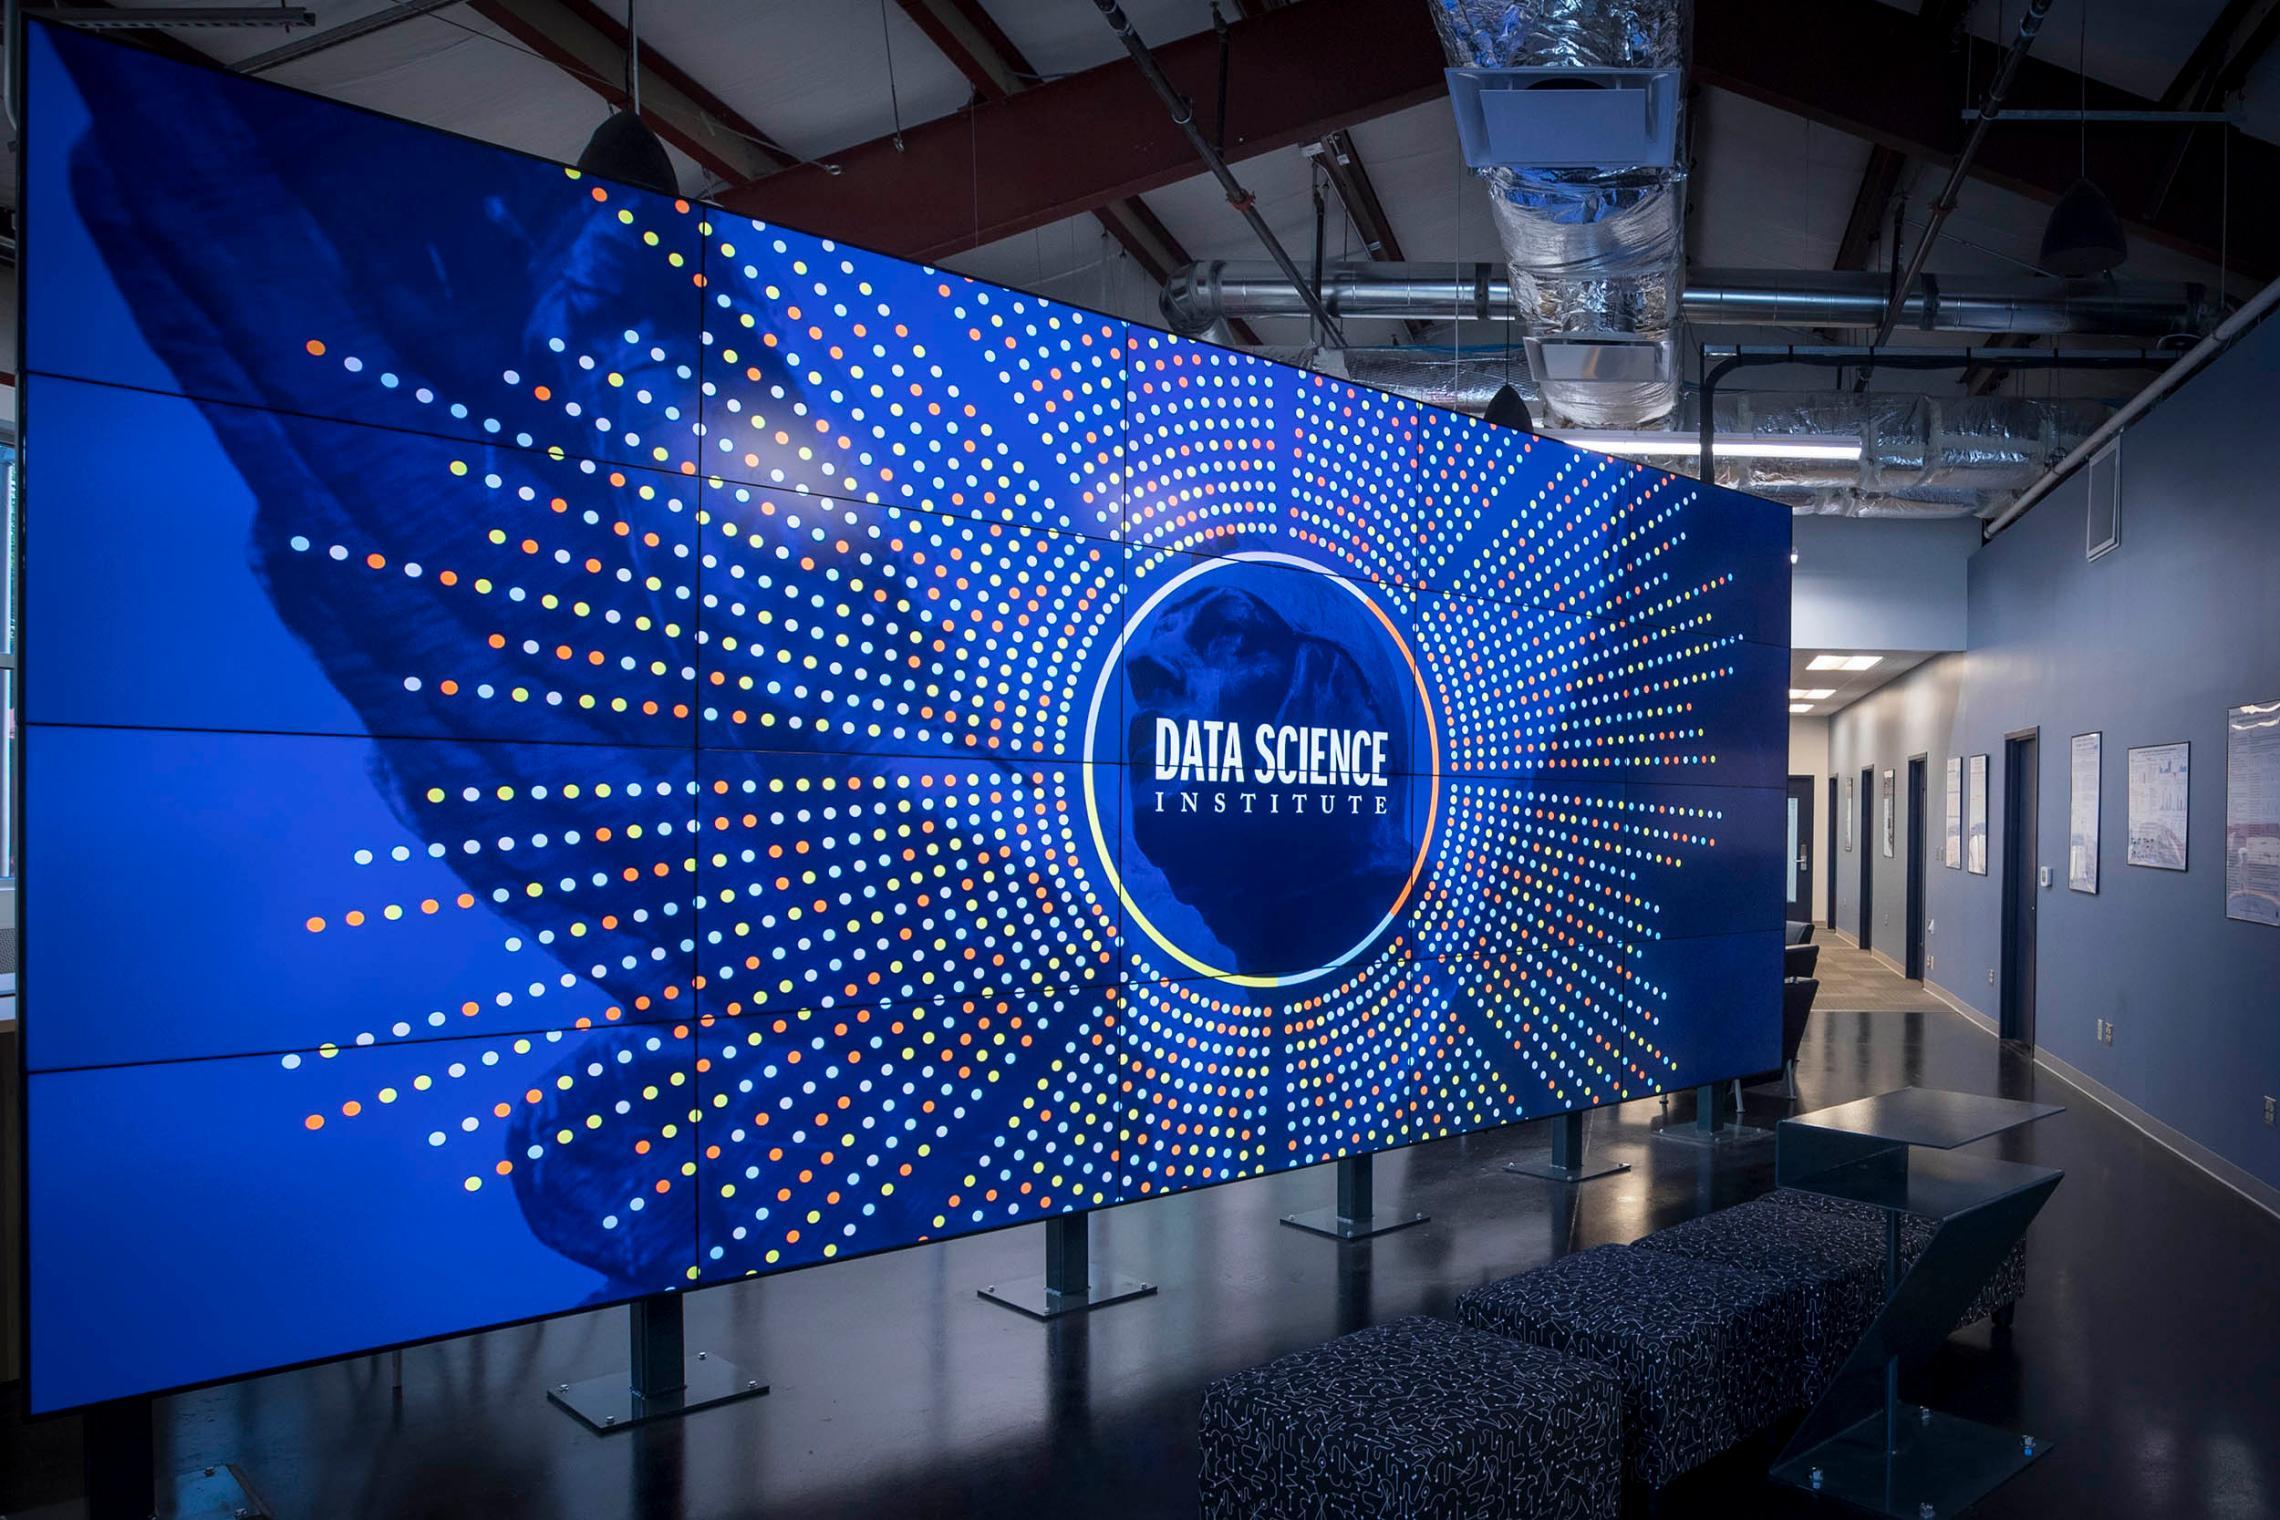 UVA Hosts 'Datapalooza' Friday